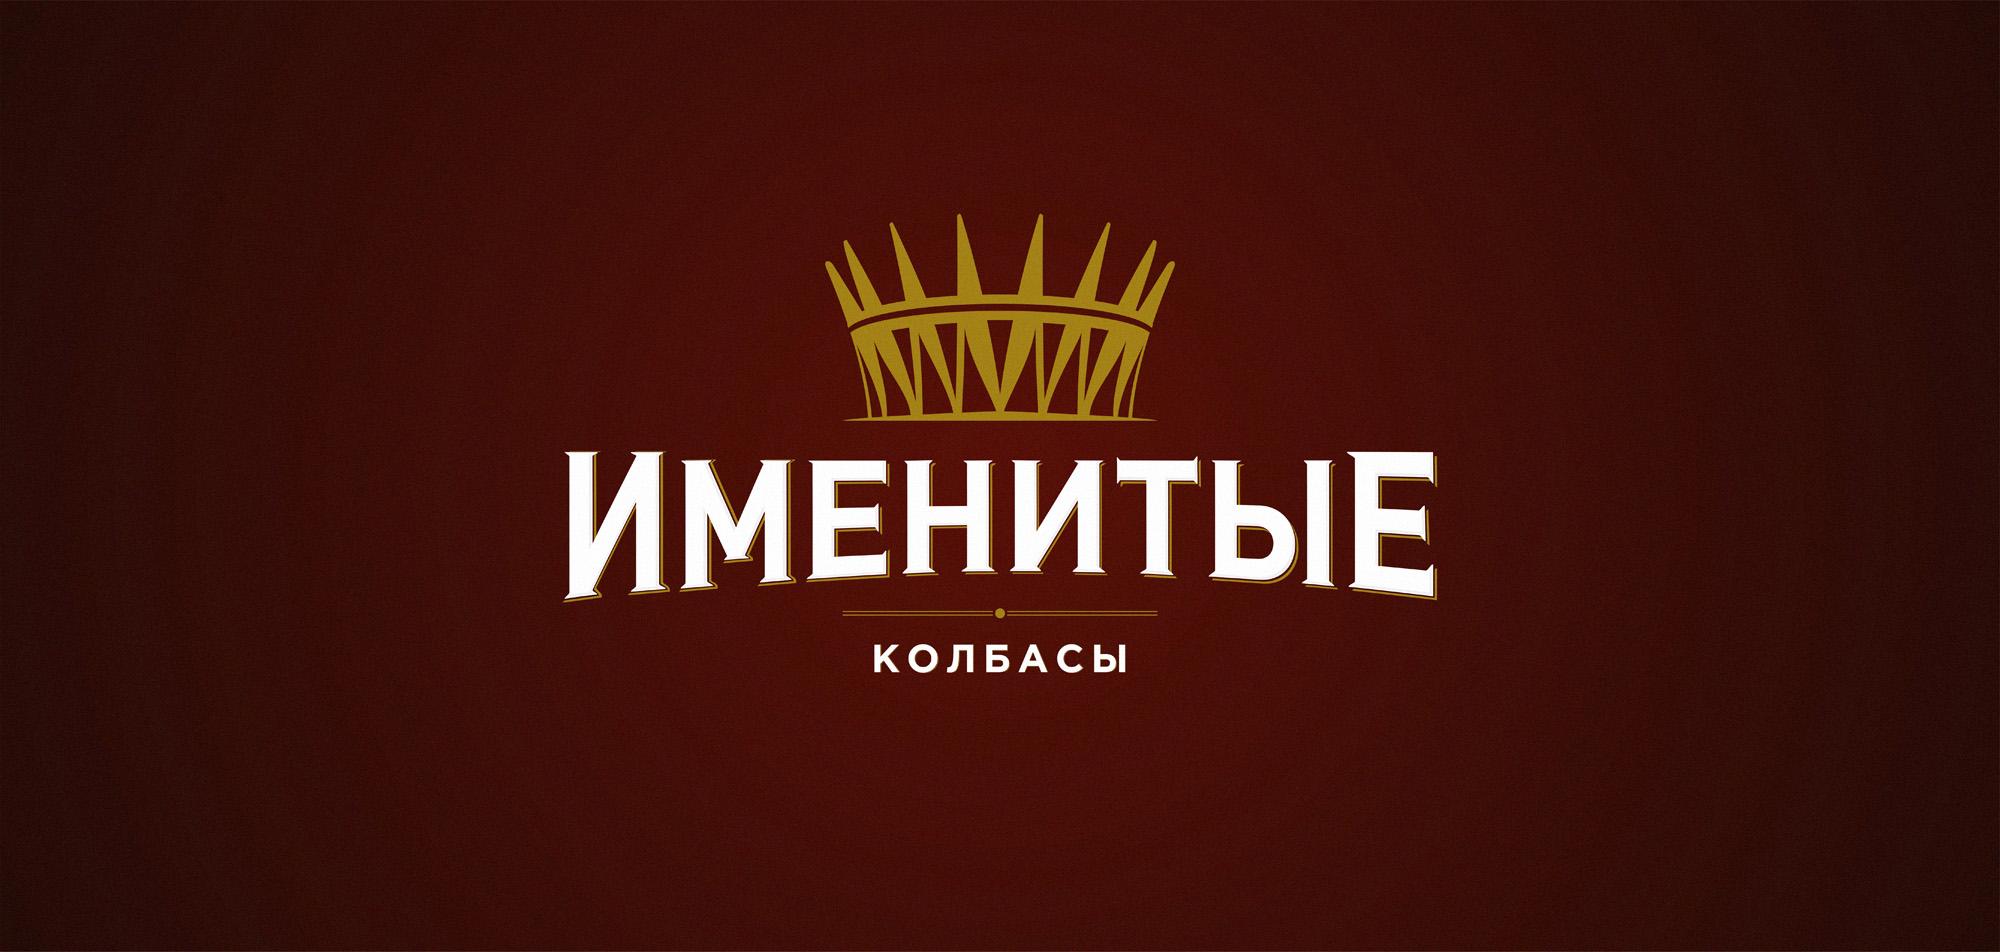 Логотип и фирменный стиль продуктов питания фото f_6085bc3ae3e3f179.jpg